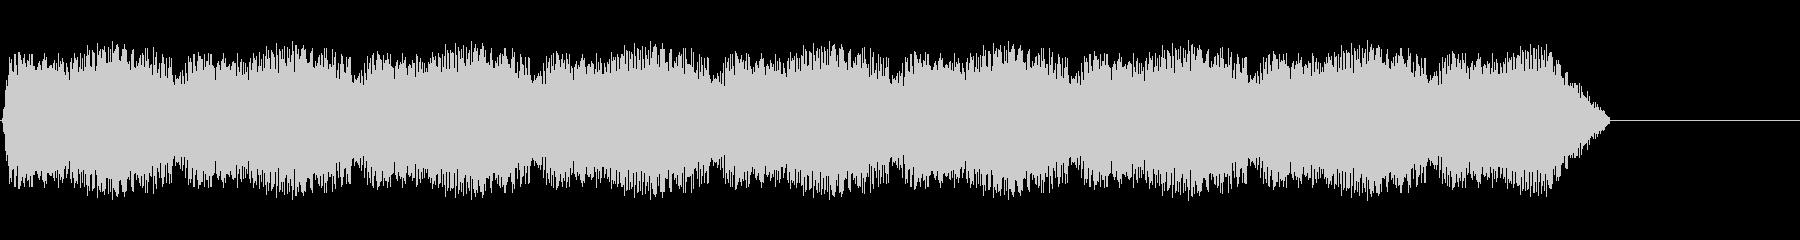 サイレン-パトカー2の未再生の波形